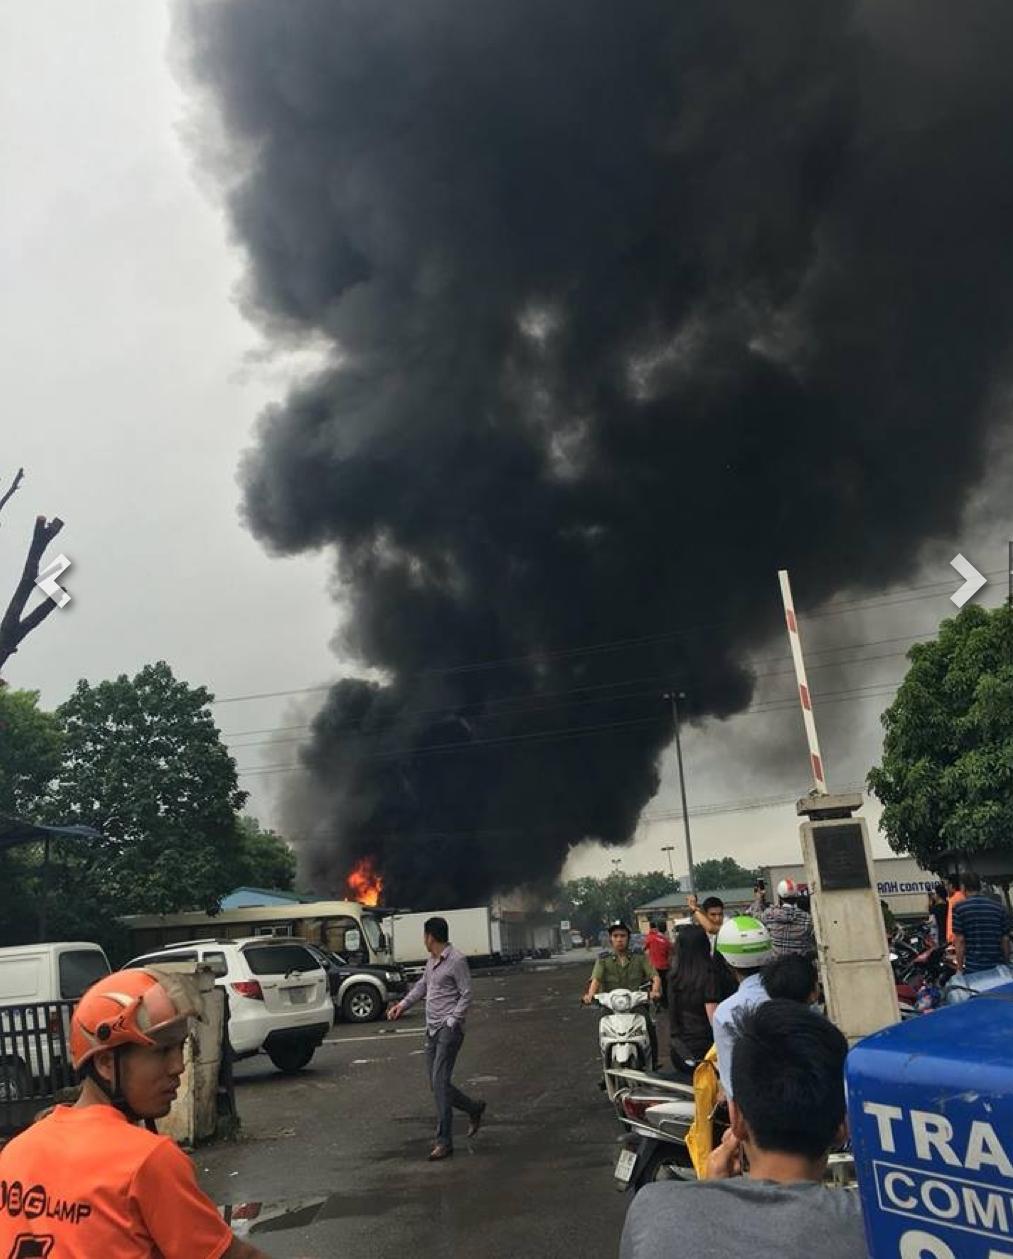 Người dân nhanh chóng được sơ tán khỏi khu vực đám cháy đang diễn ra.